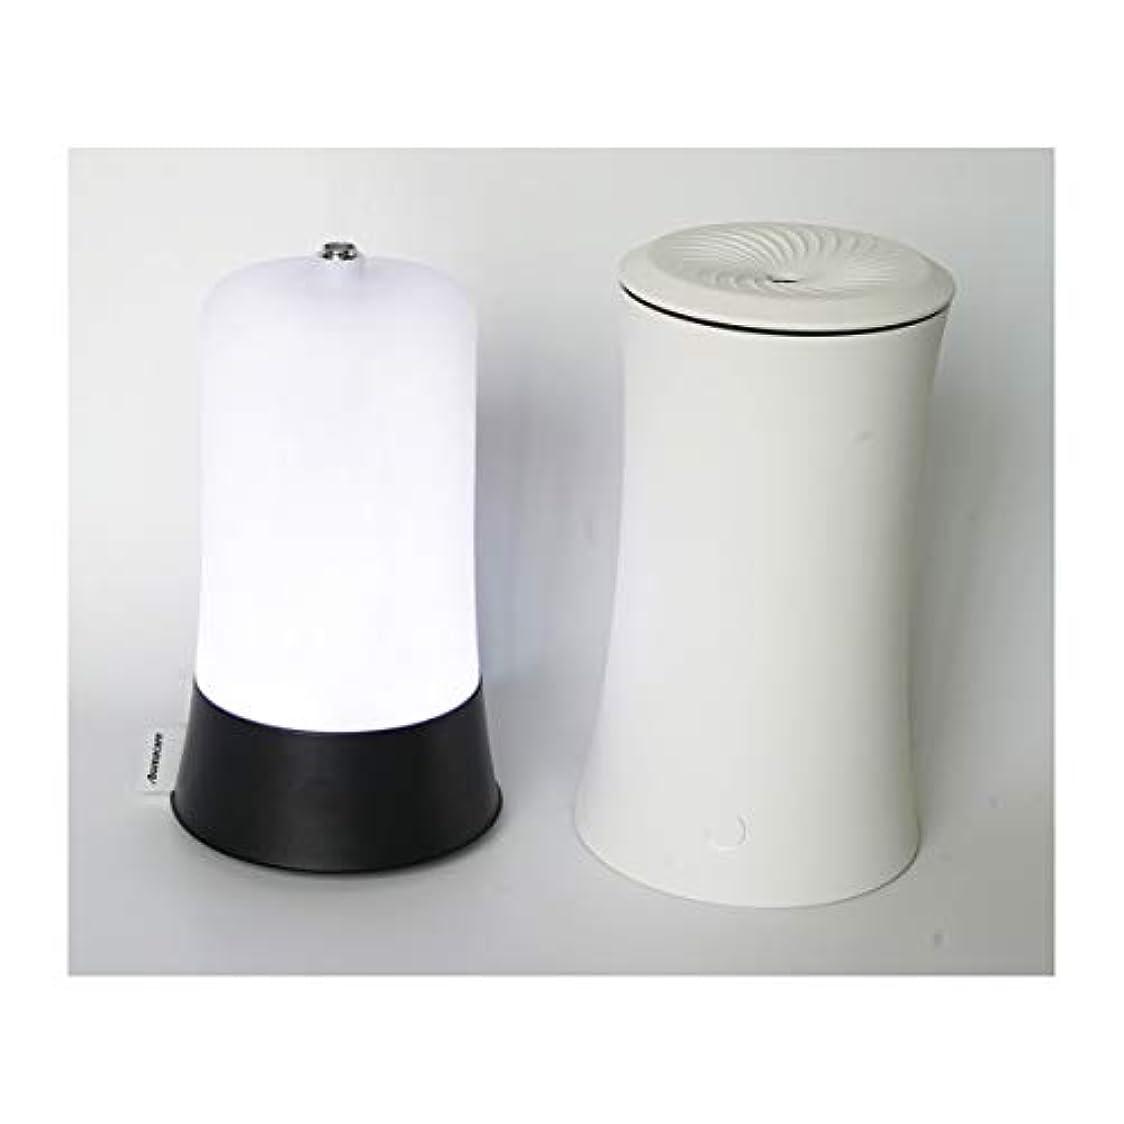 宅配便男奨励ウッドグレイン超音波アロマクールミスト300mlエッセンシャルオイルディフューザー、アロマ加湿器付き、水なしオートシャットオフ、7色LEDライトホームオフィス用ベビーホワイト